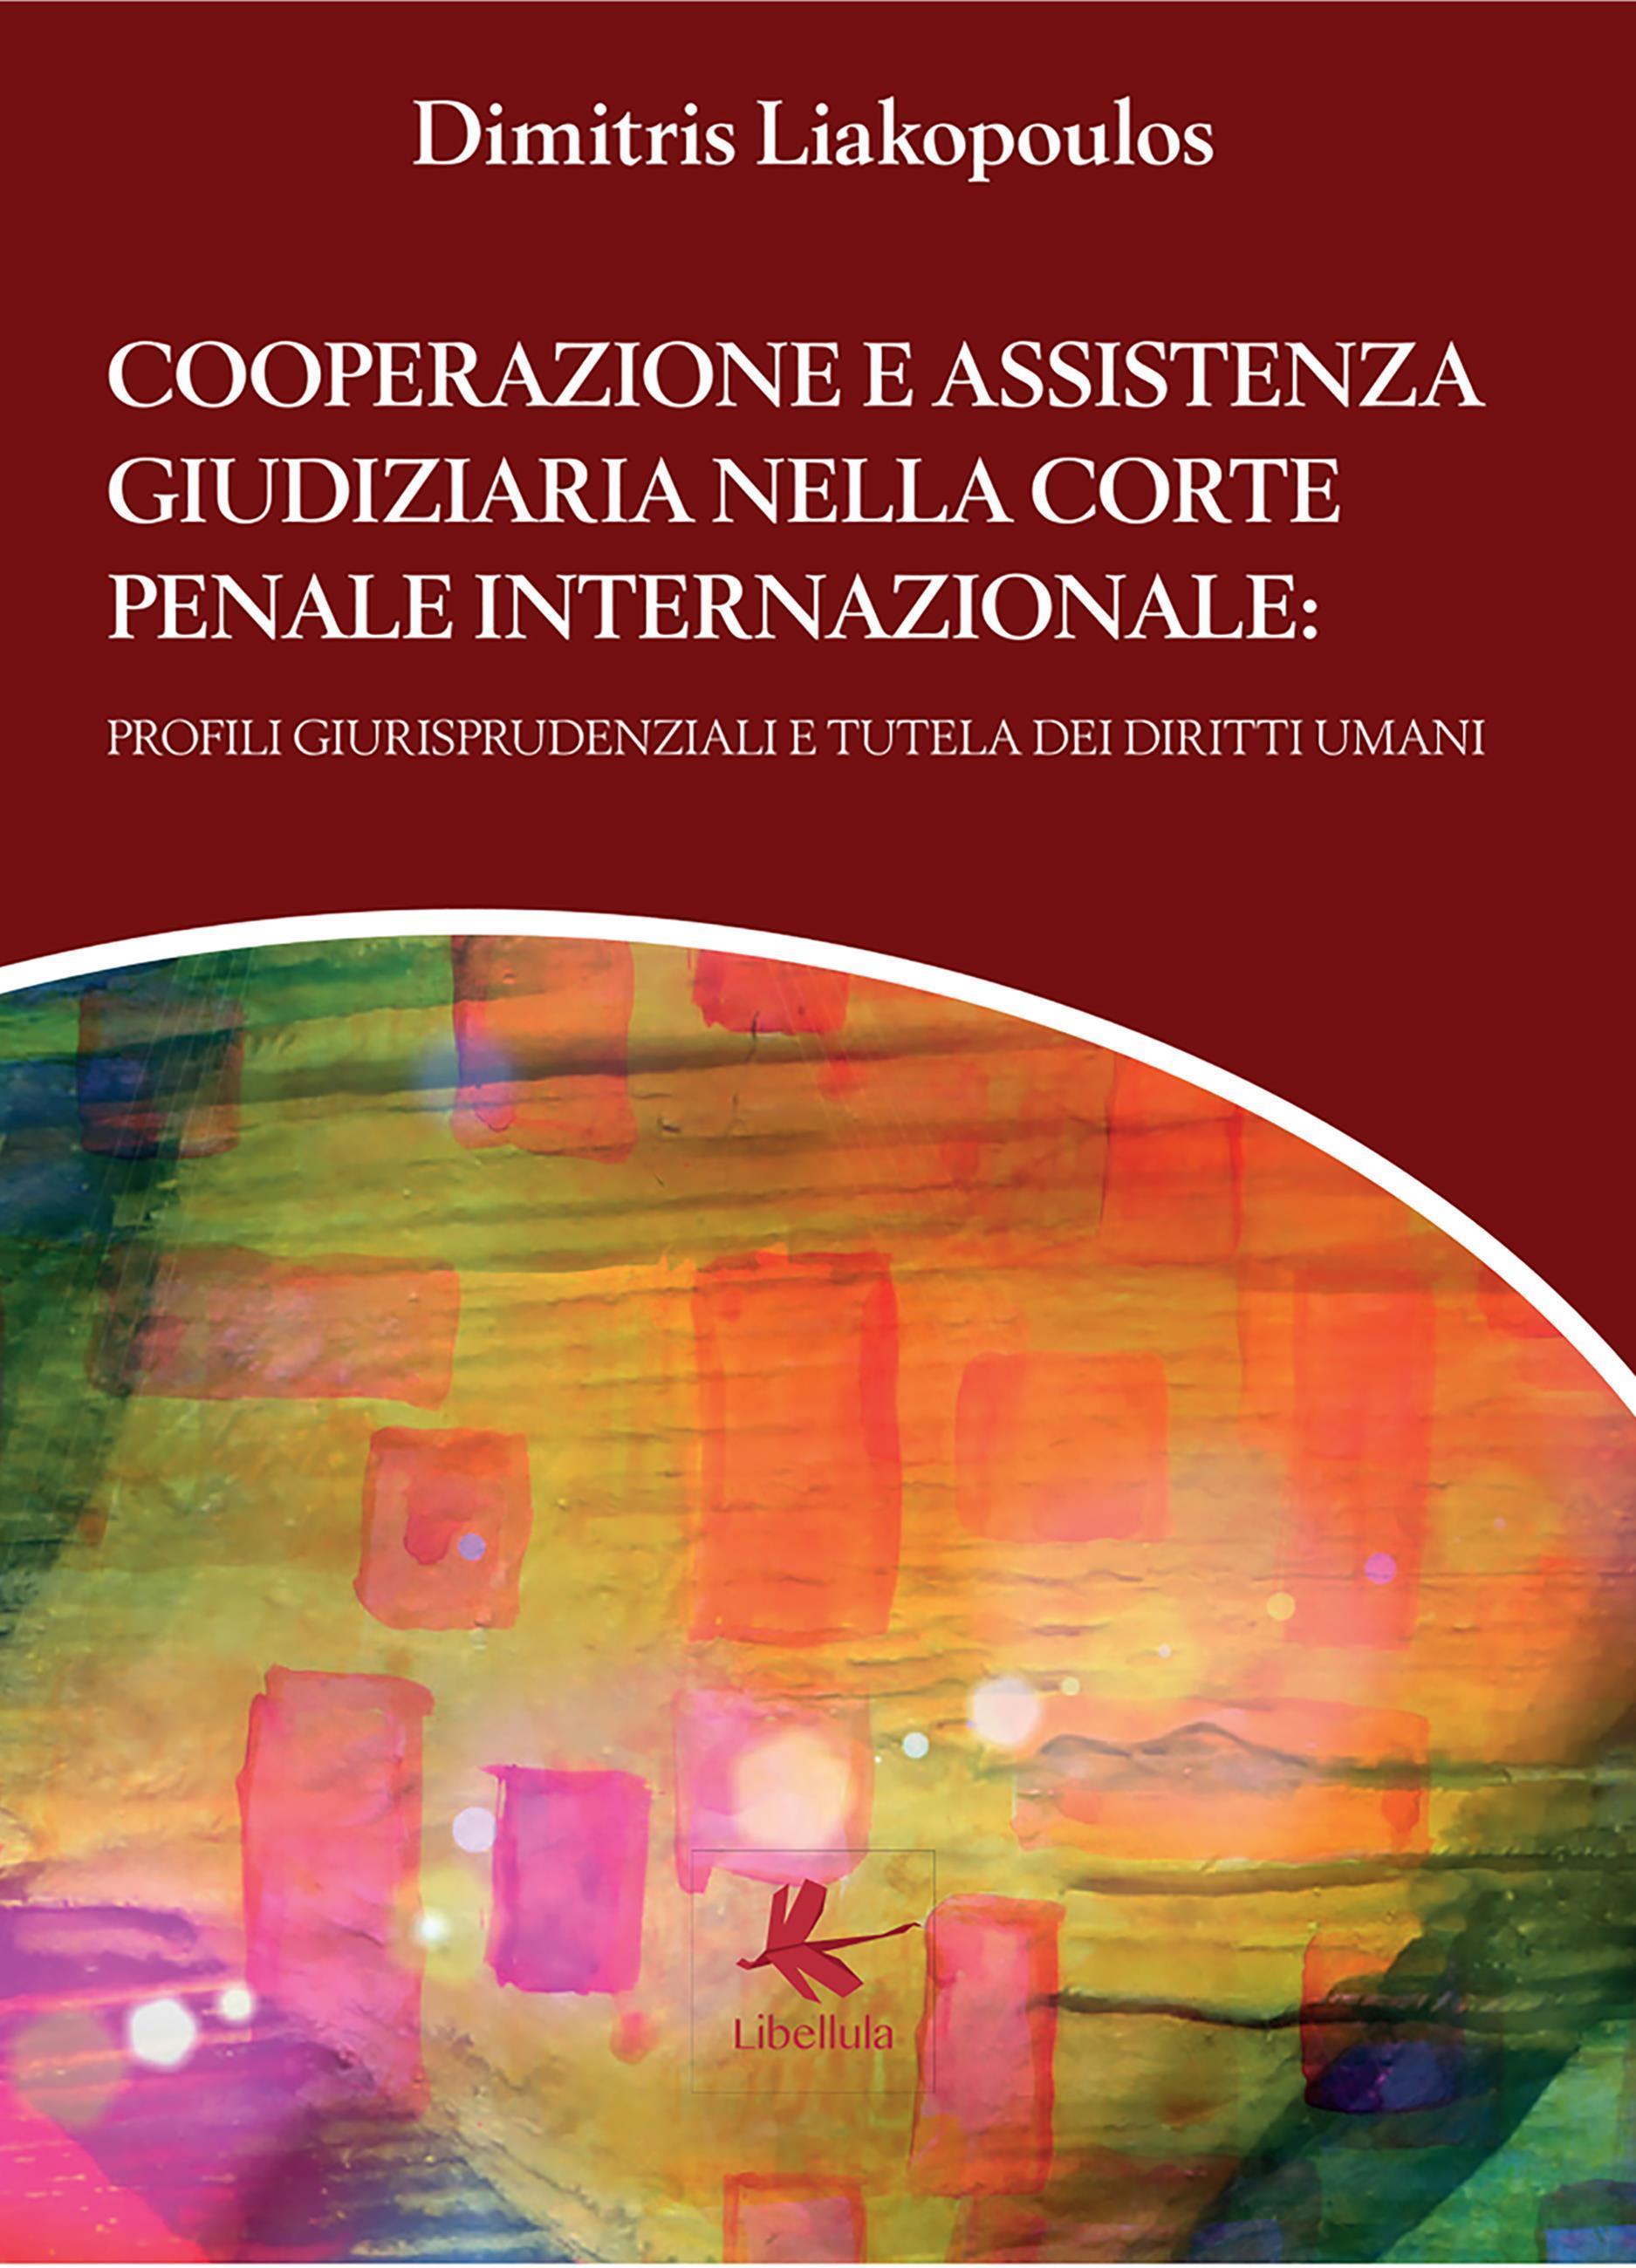 Cooperazione e assistenza giudiziaria nella Corte Penale Internazionale: profili giurisprudenziali e tutela dei diritti umani